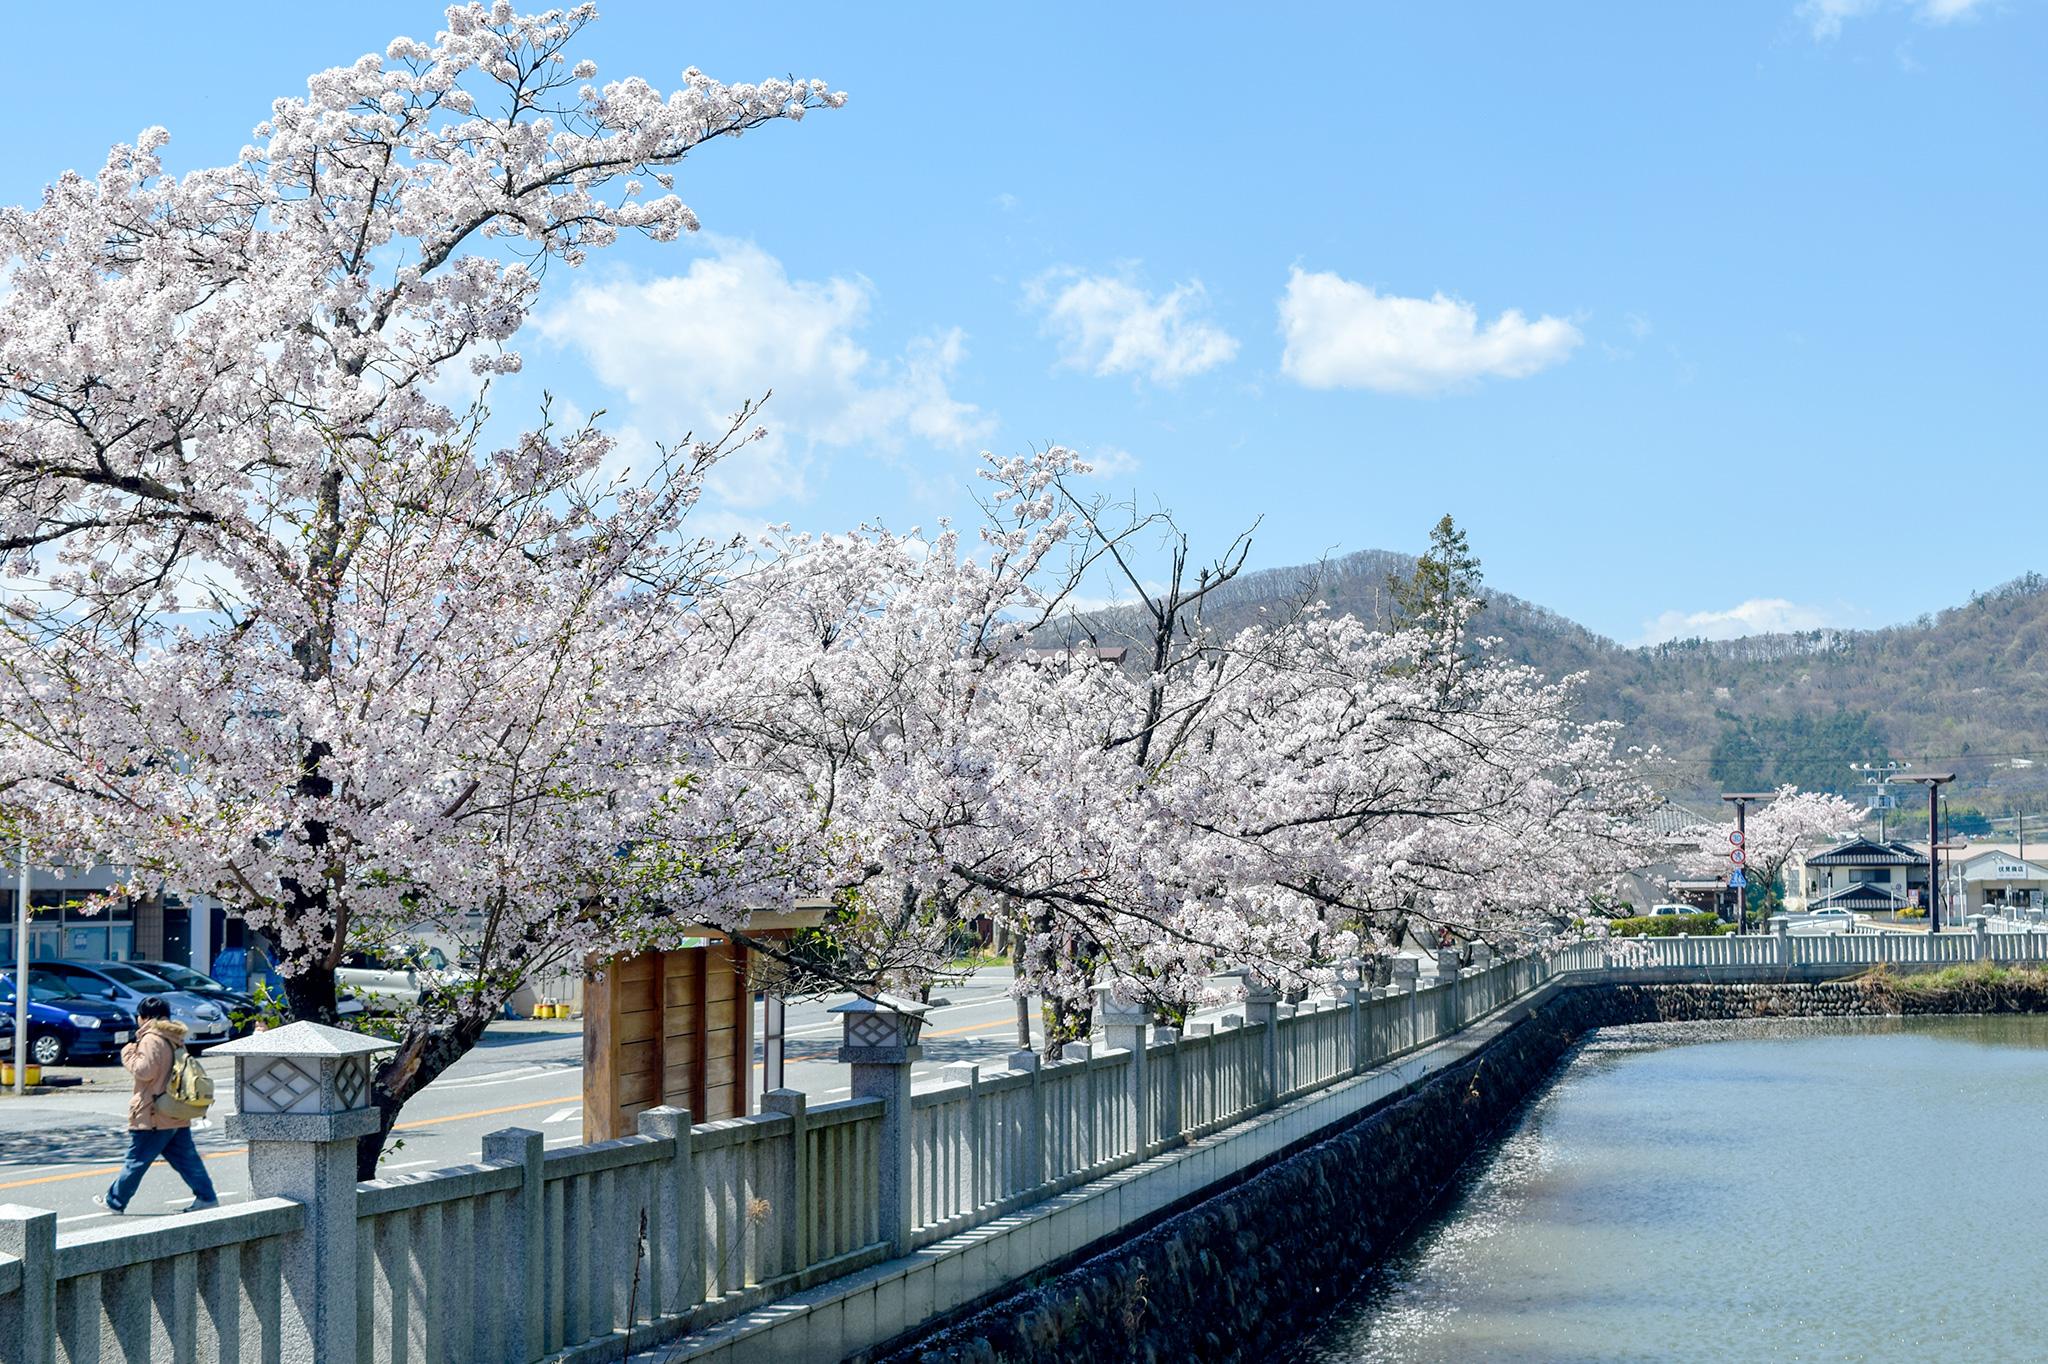 武田神社 武田通りの桜 写真4